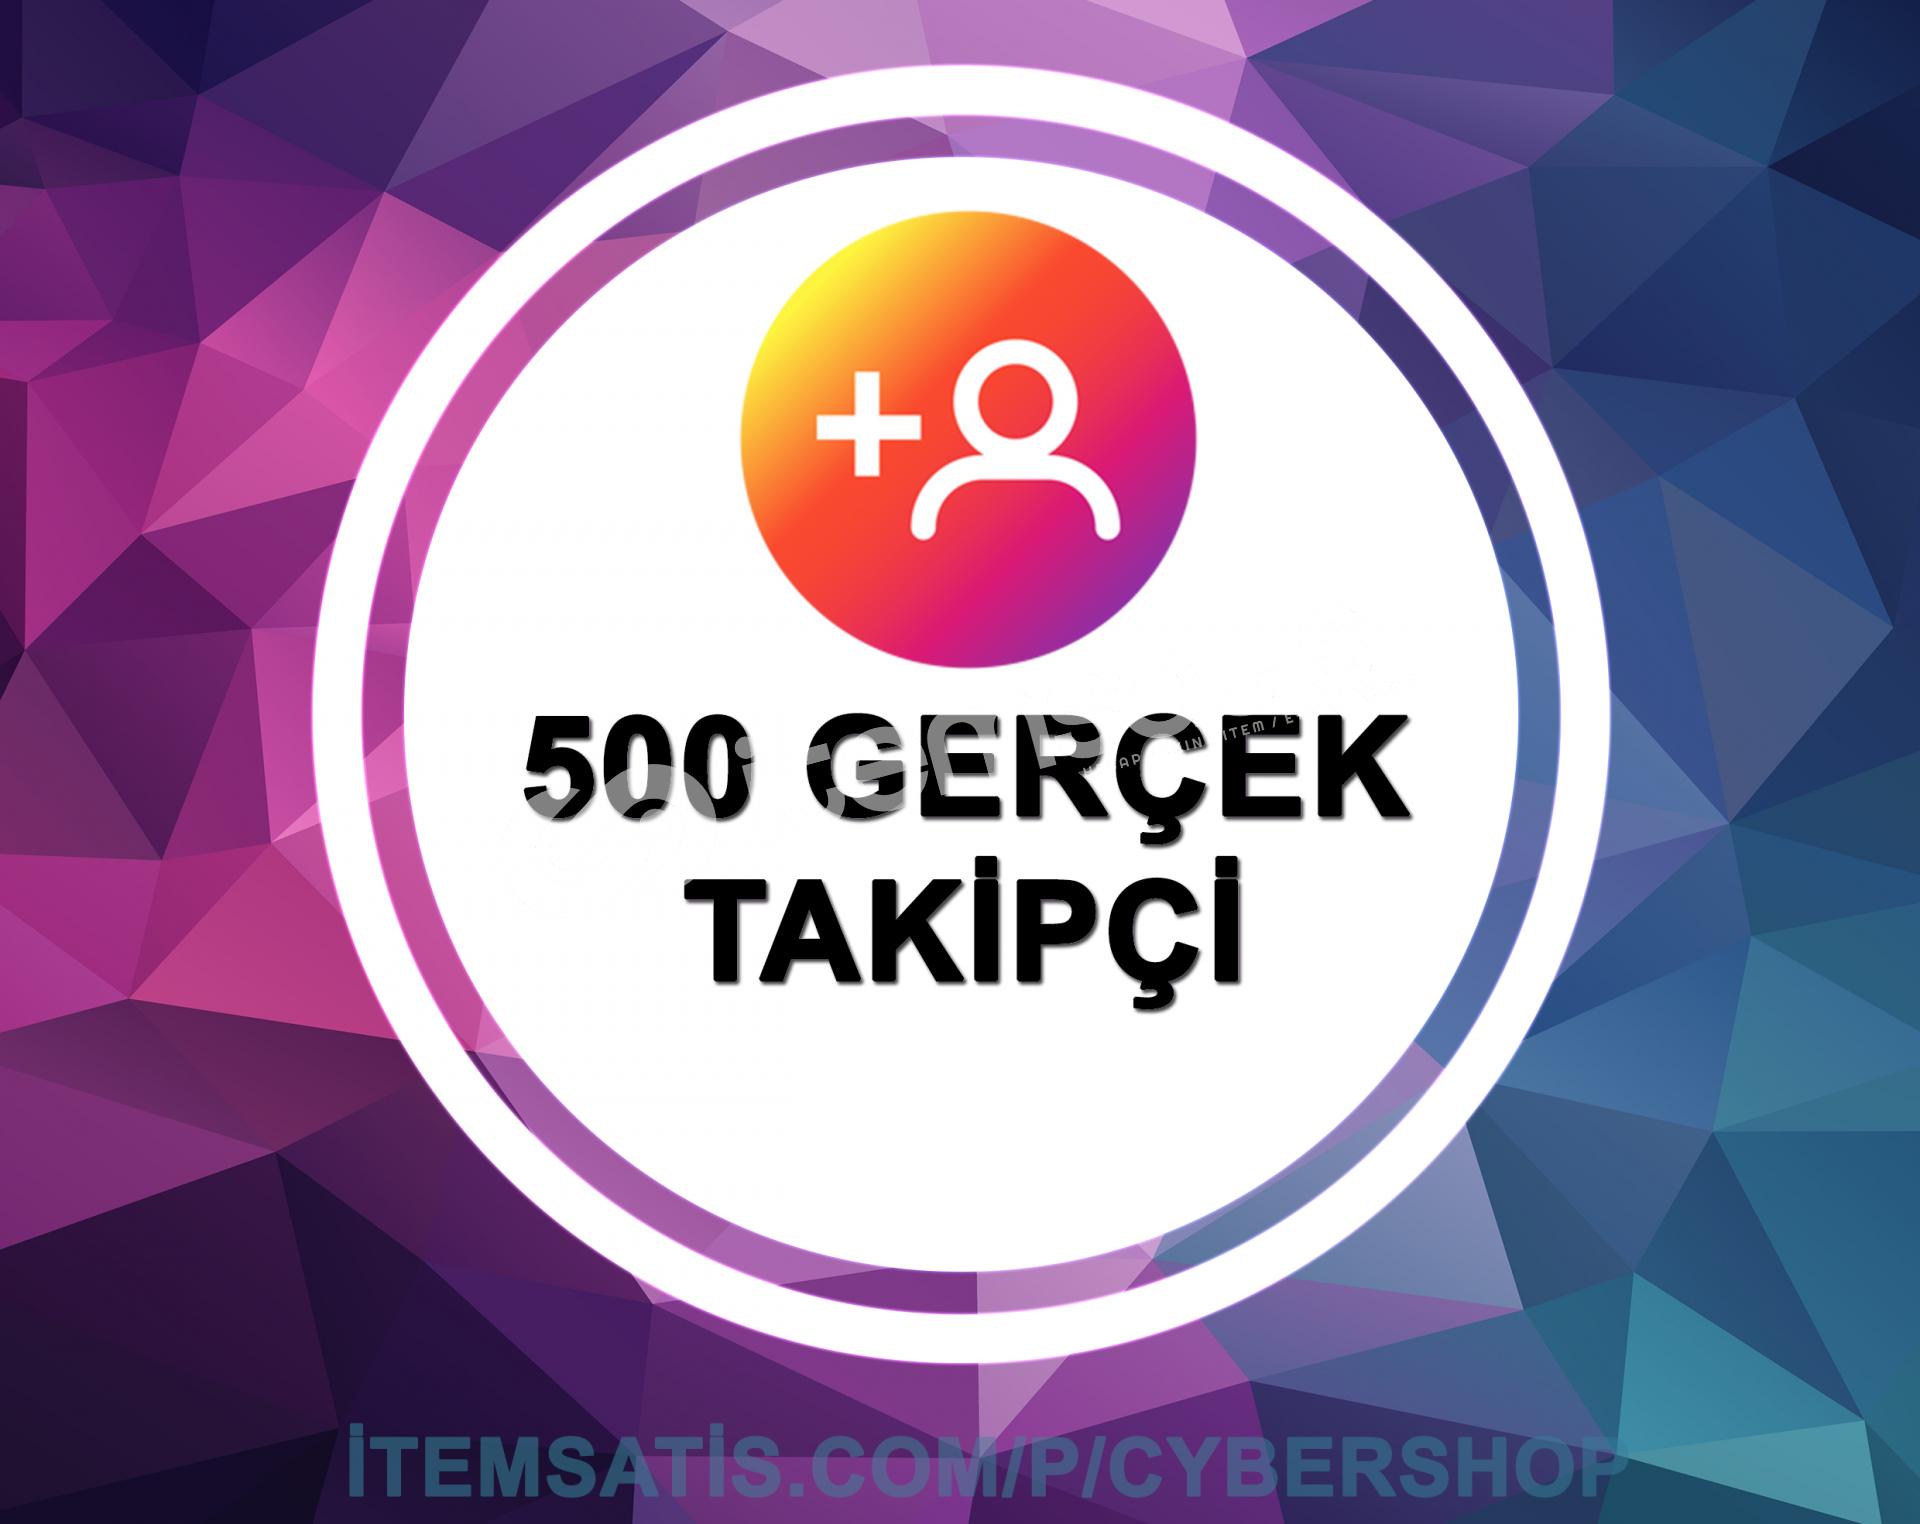 500 İnstagram [100% TÜRK] Takipçi Paketi